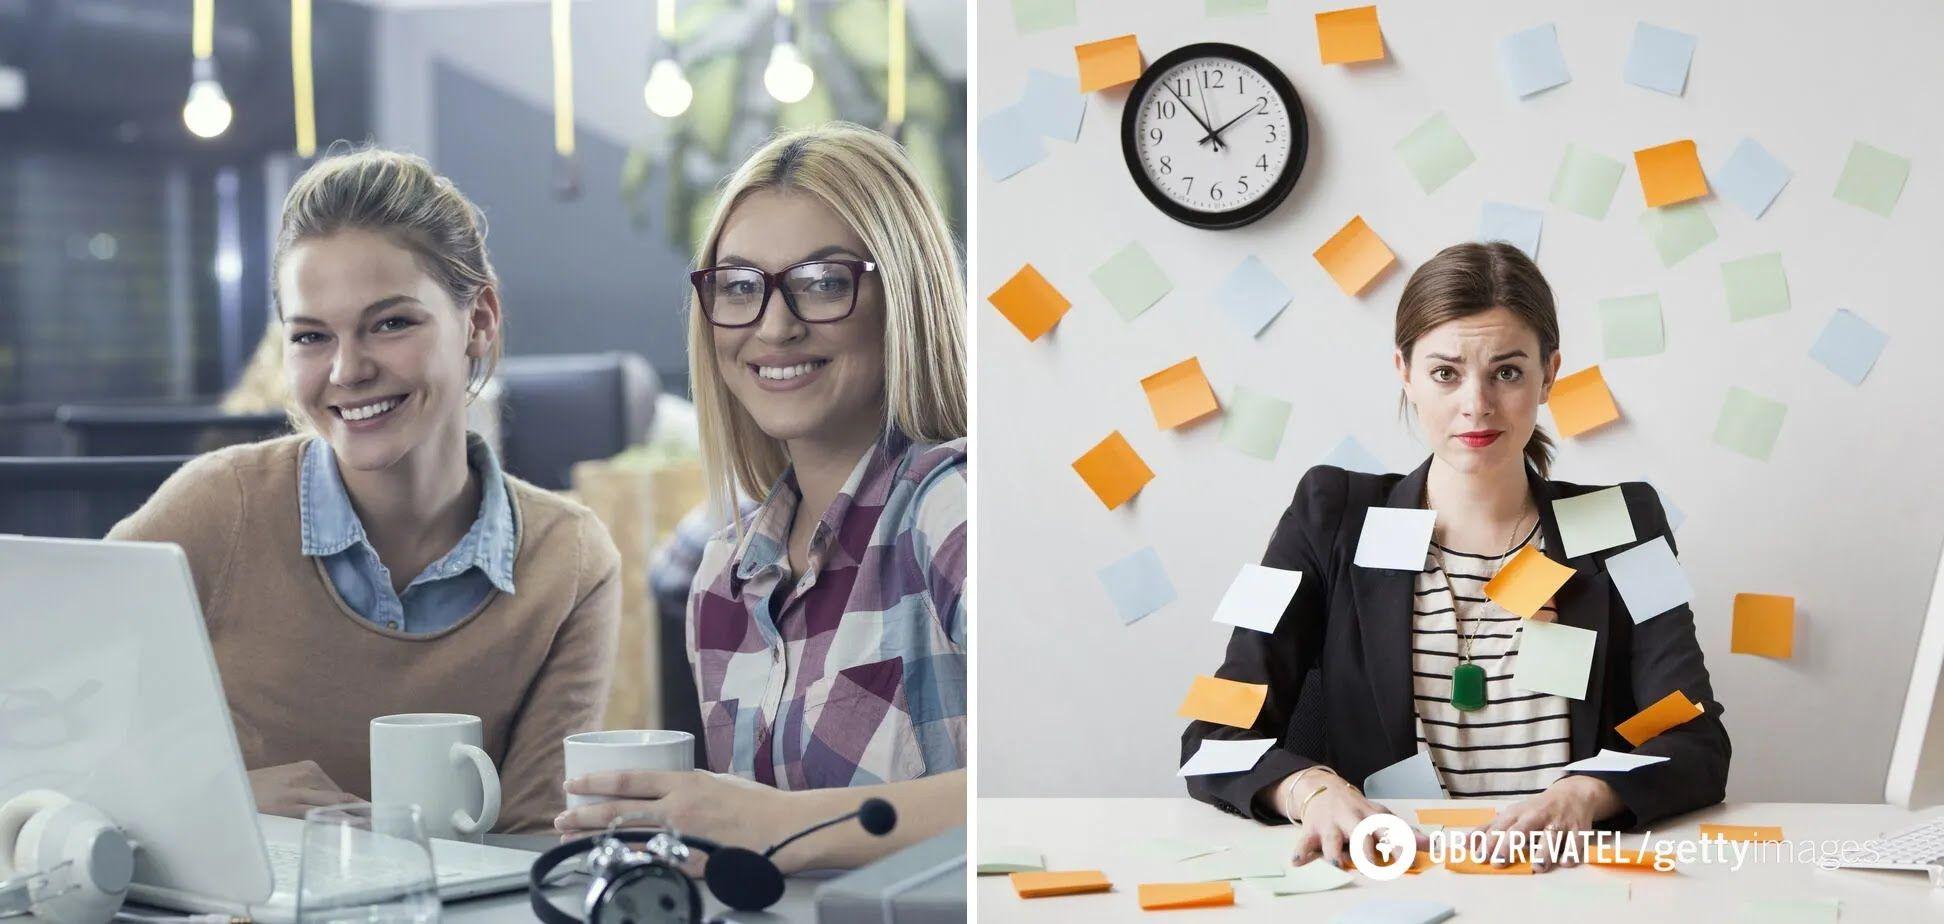 """Шансы на неэффективность в работе вдвое выше среди """"сов"""", чем среди """"жаворонков"""" – ученые"""